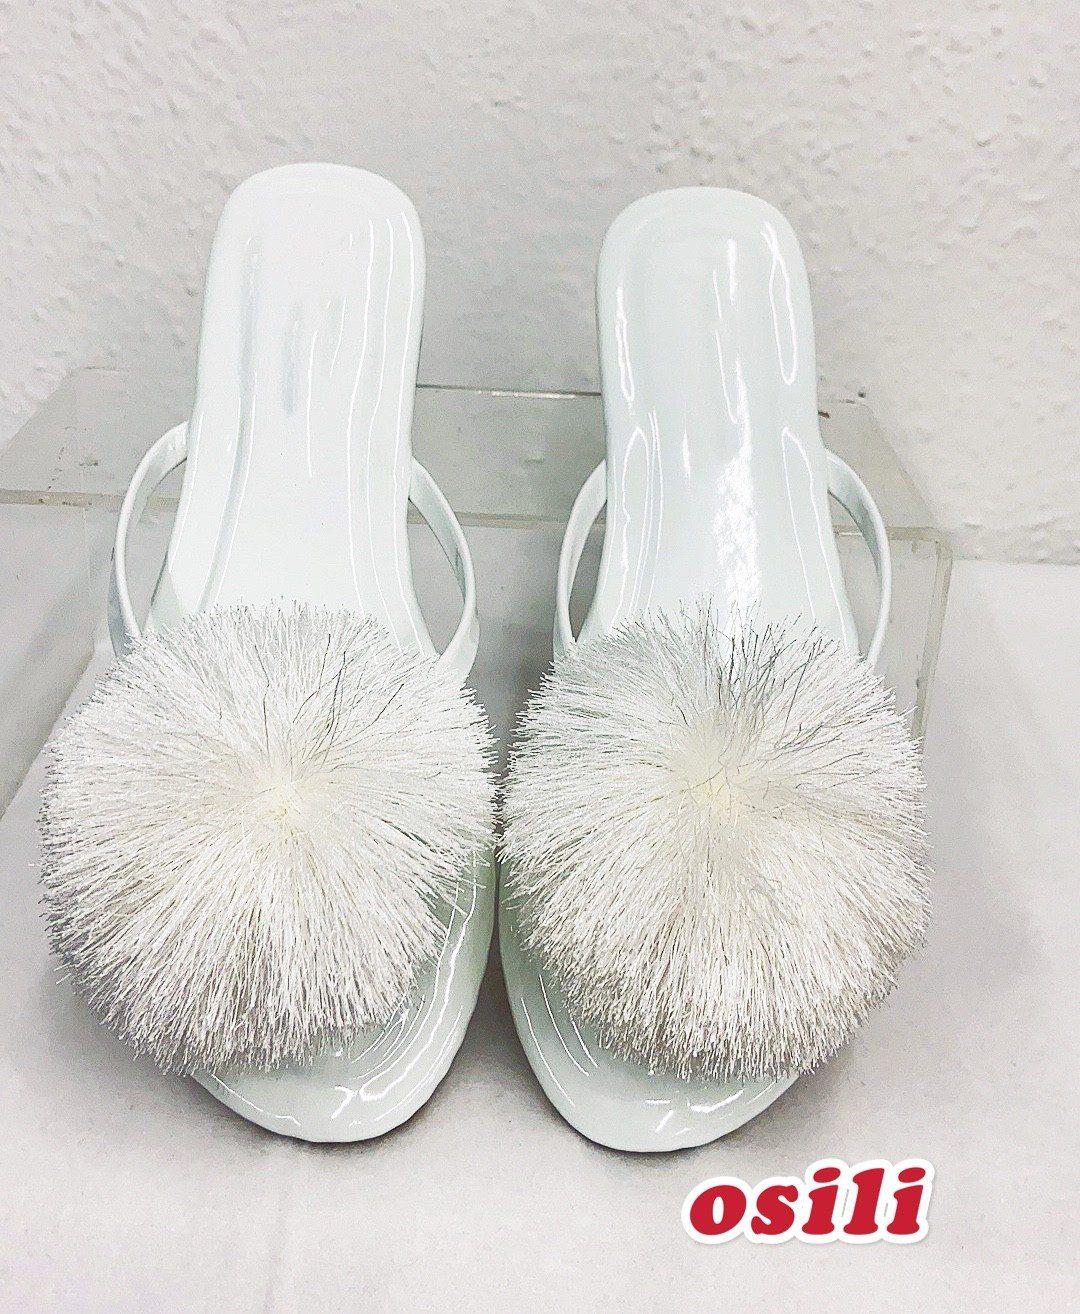 00049D47 D62D 4108 A9E9 1AA00CBDA19F Osili - Fashion - Divat